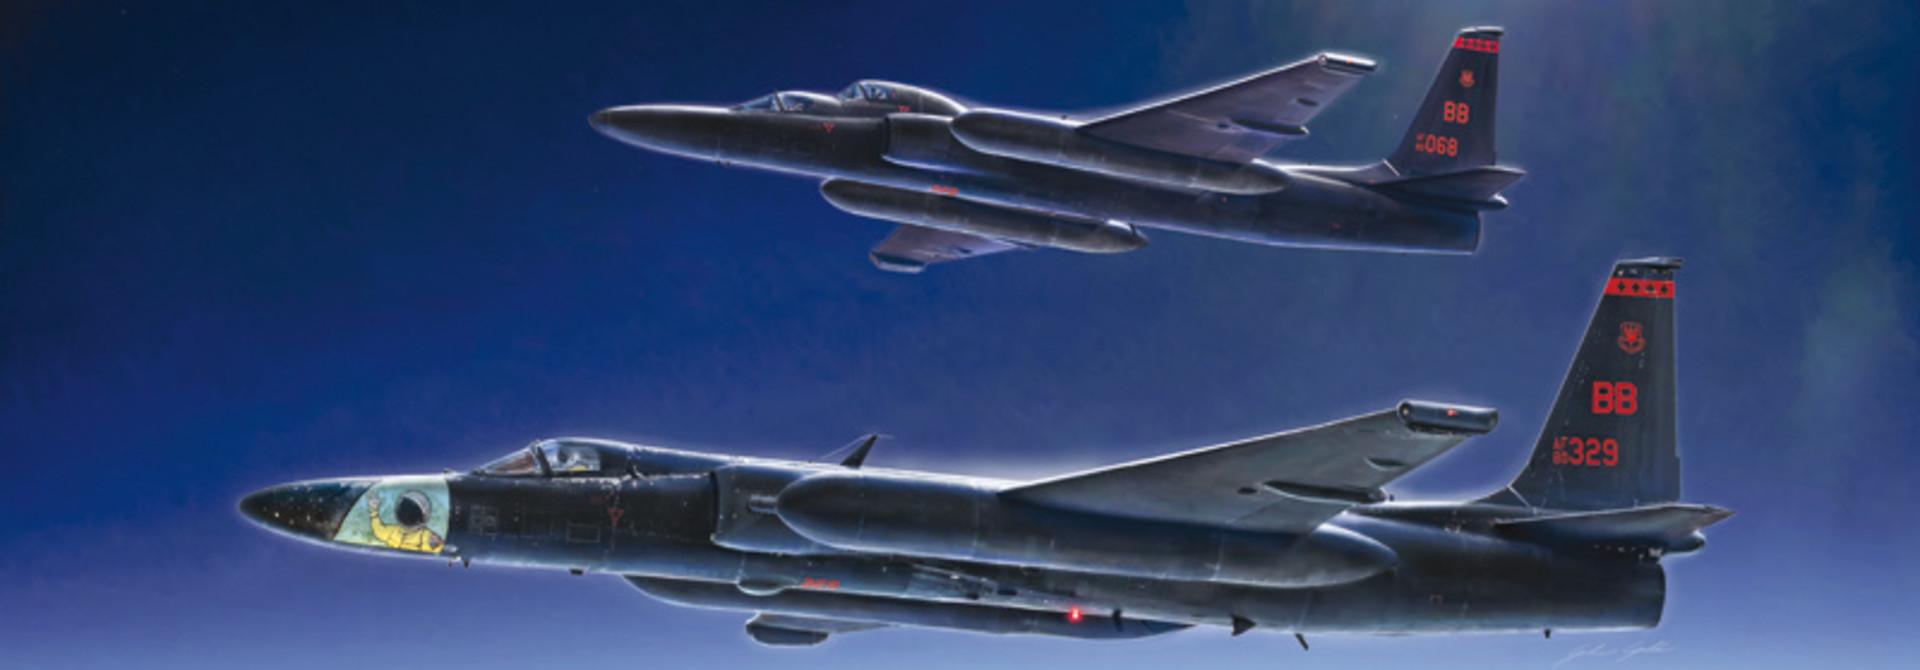 1:48 Lockheed Martin TR-1 A/B